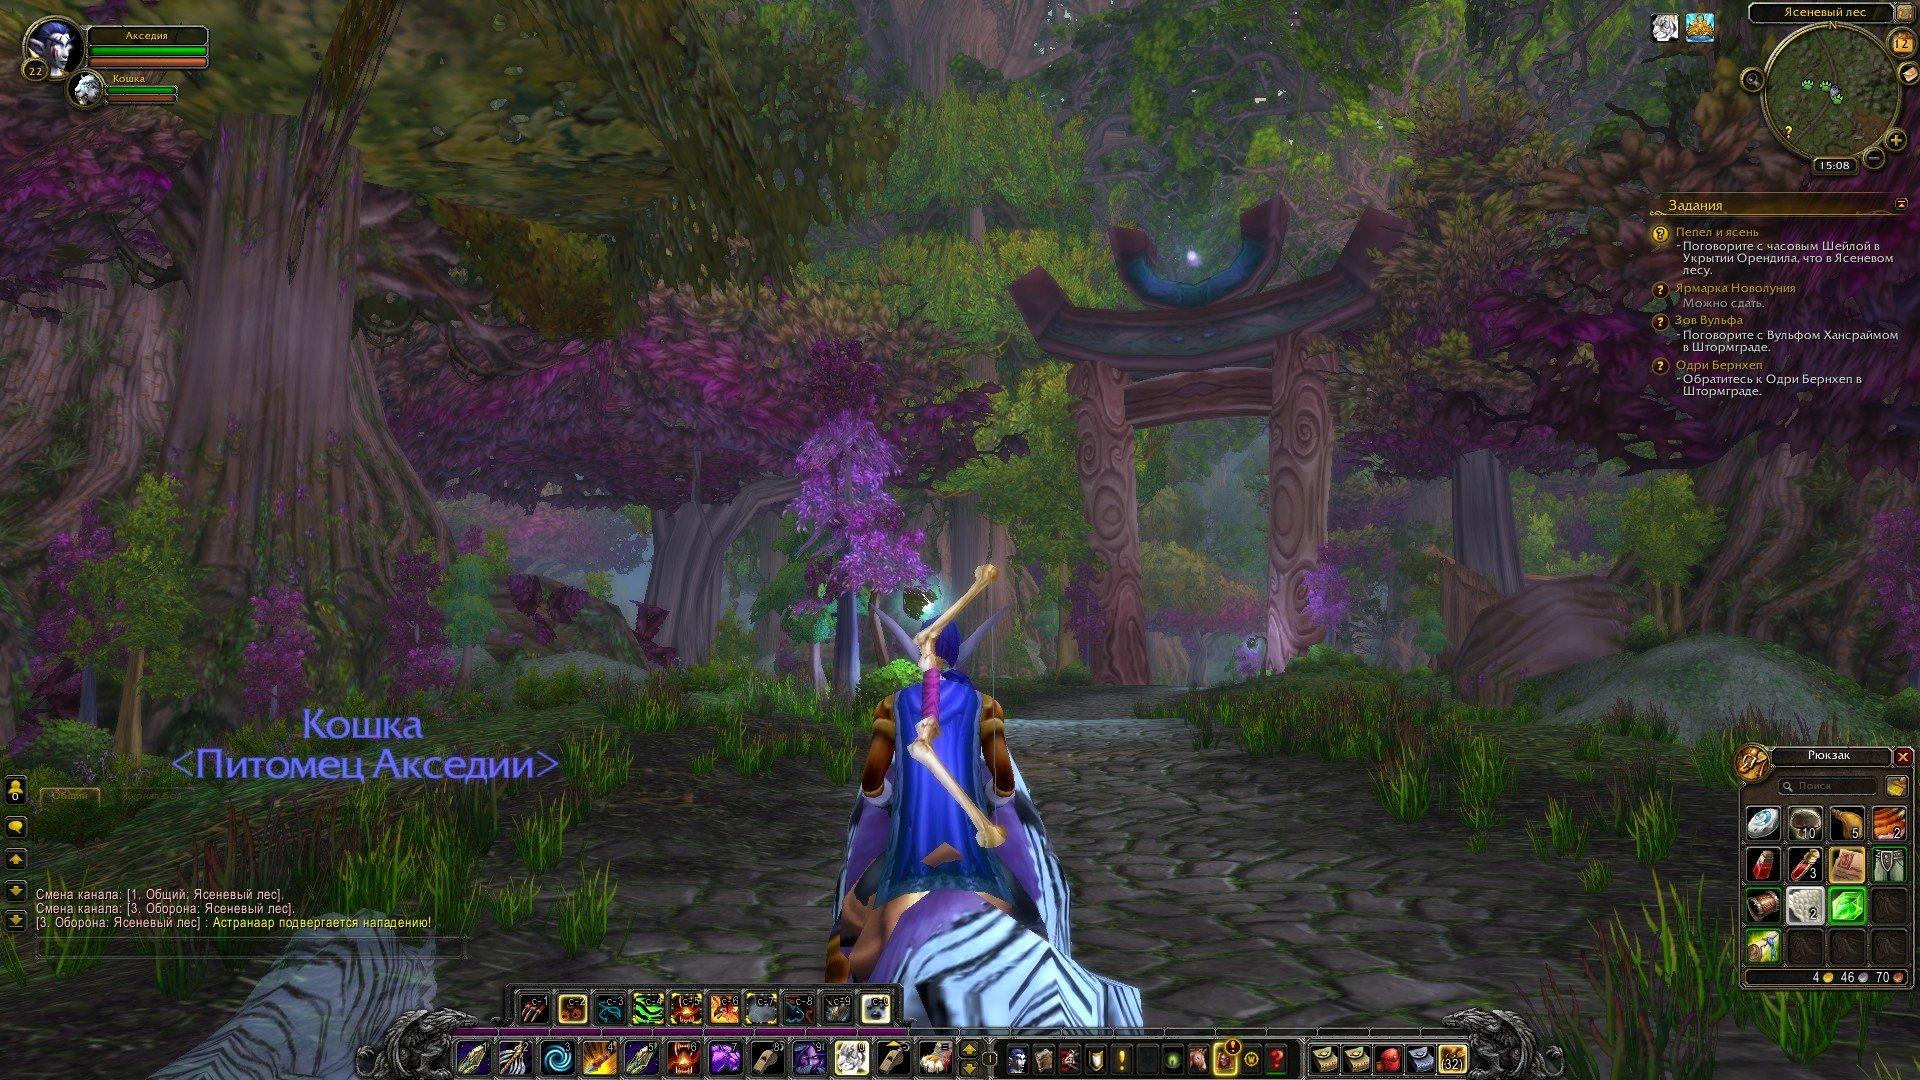 Путешествие по World of Warcraft ... Ночной Эльф. Глава 2. - Изображение 29